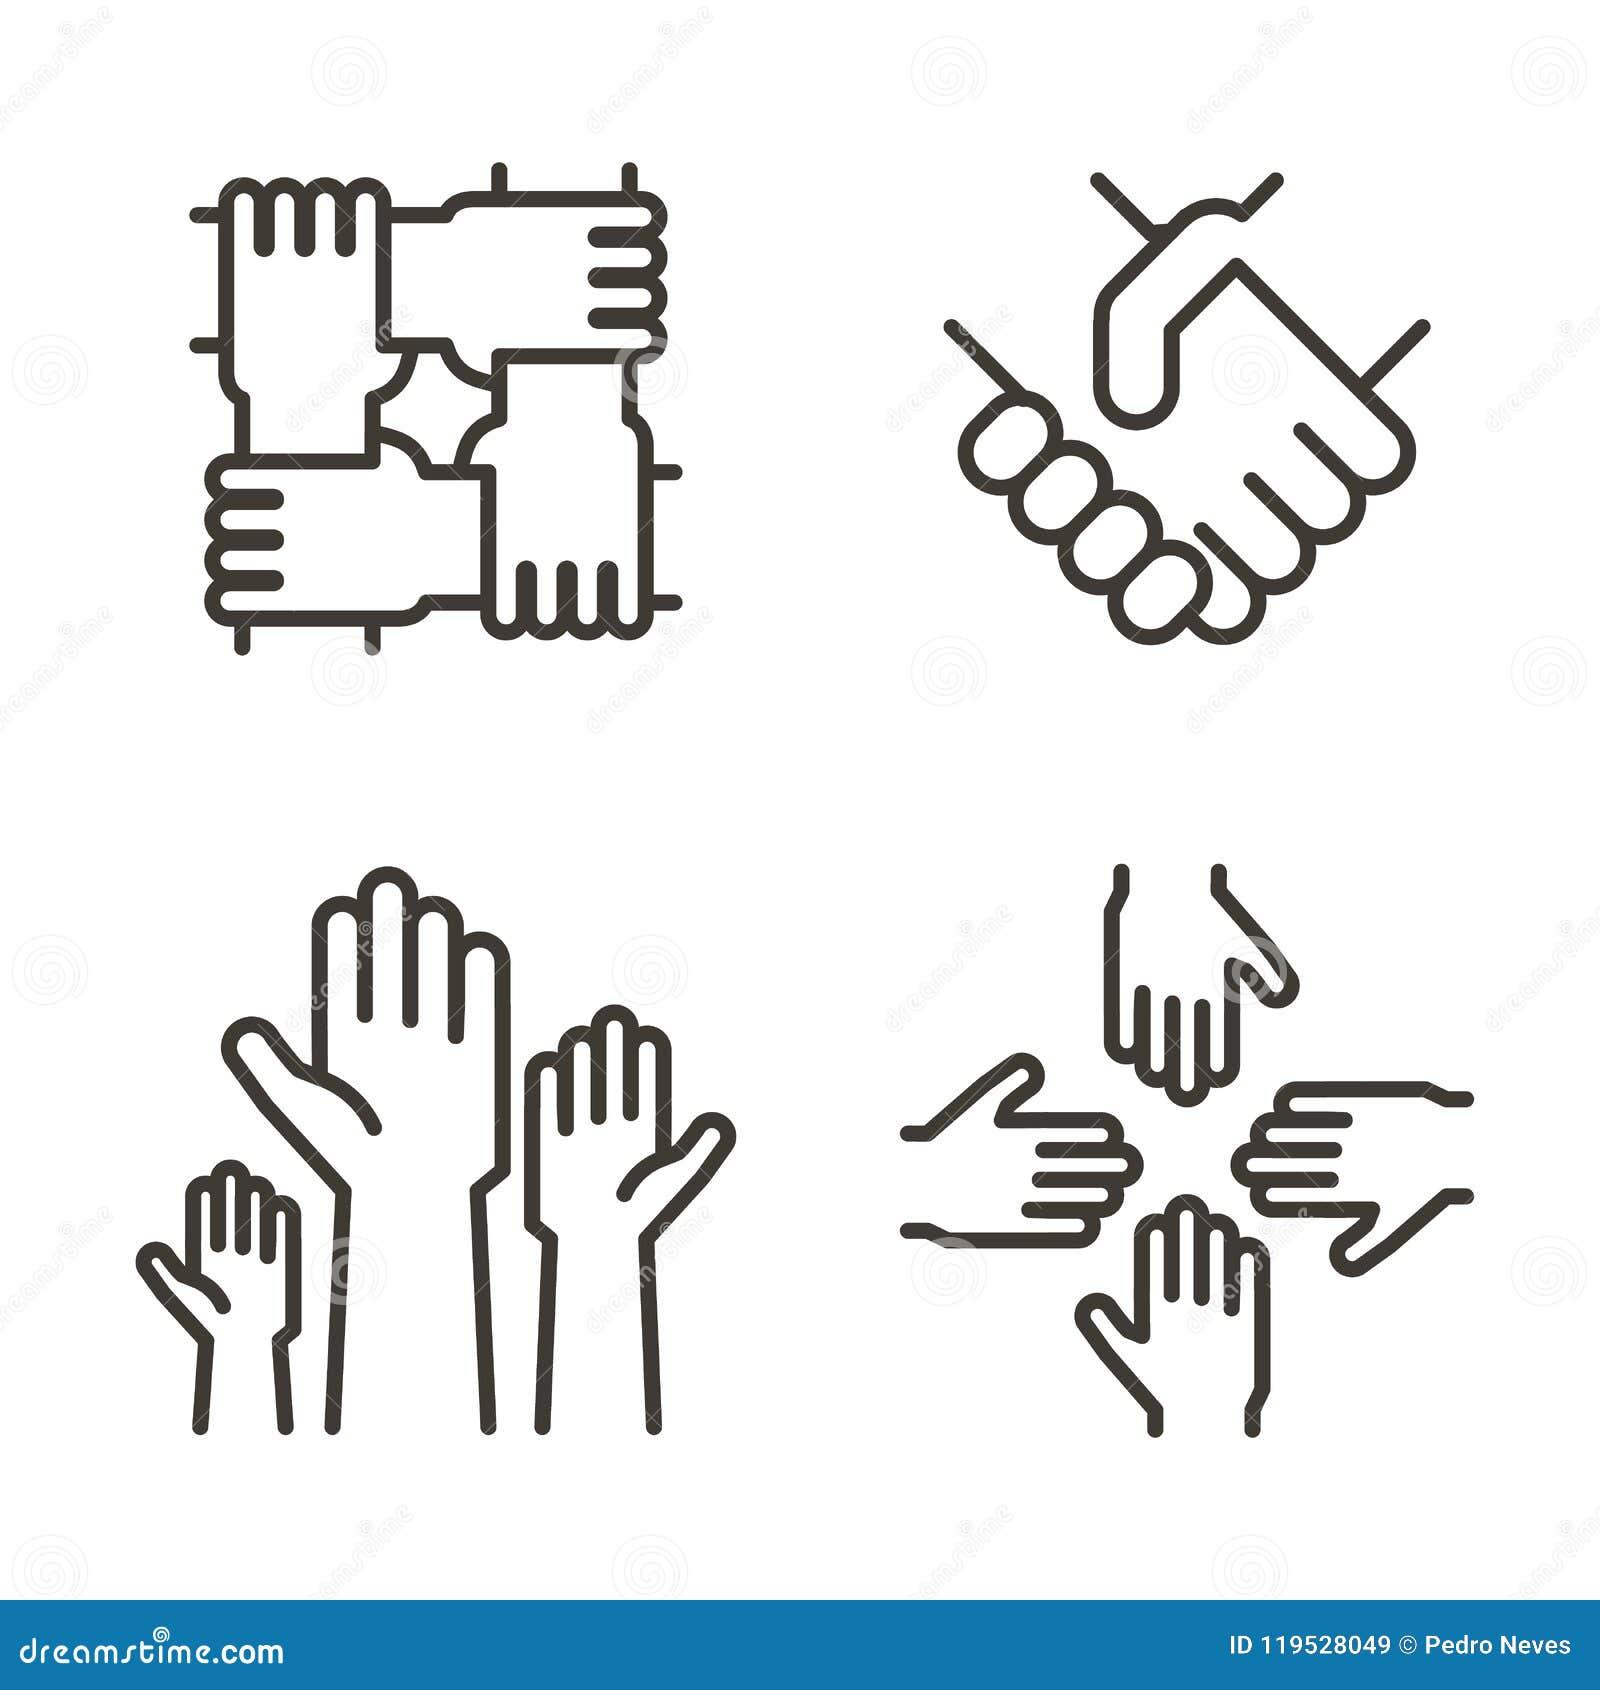 Σύνολο εικονιδίων χεριών που αντιπροσωπεύουν τη συνεργασία, την κοινότητα, τη φιλανθρωπία, την ομαδική εργασία, την επιχείρηση, τ